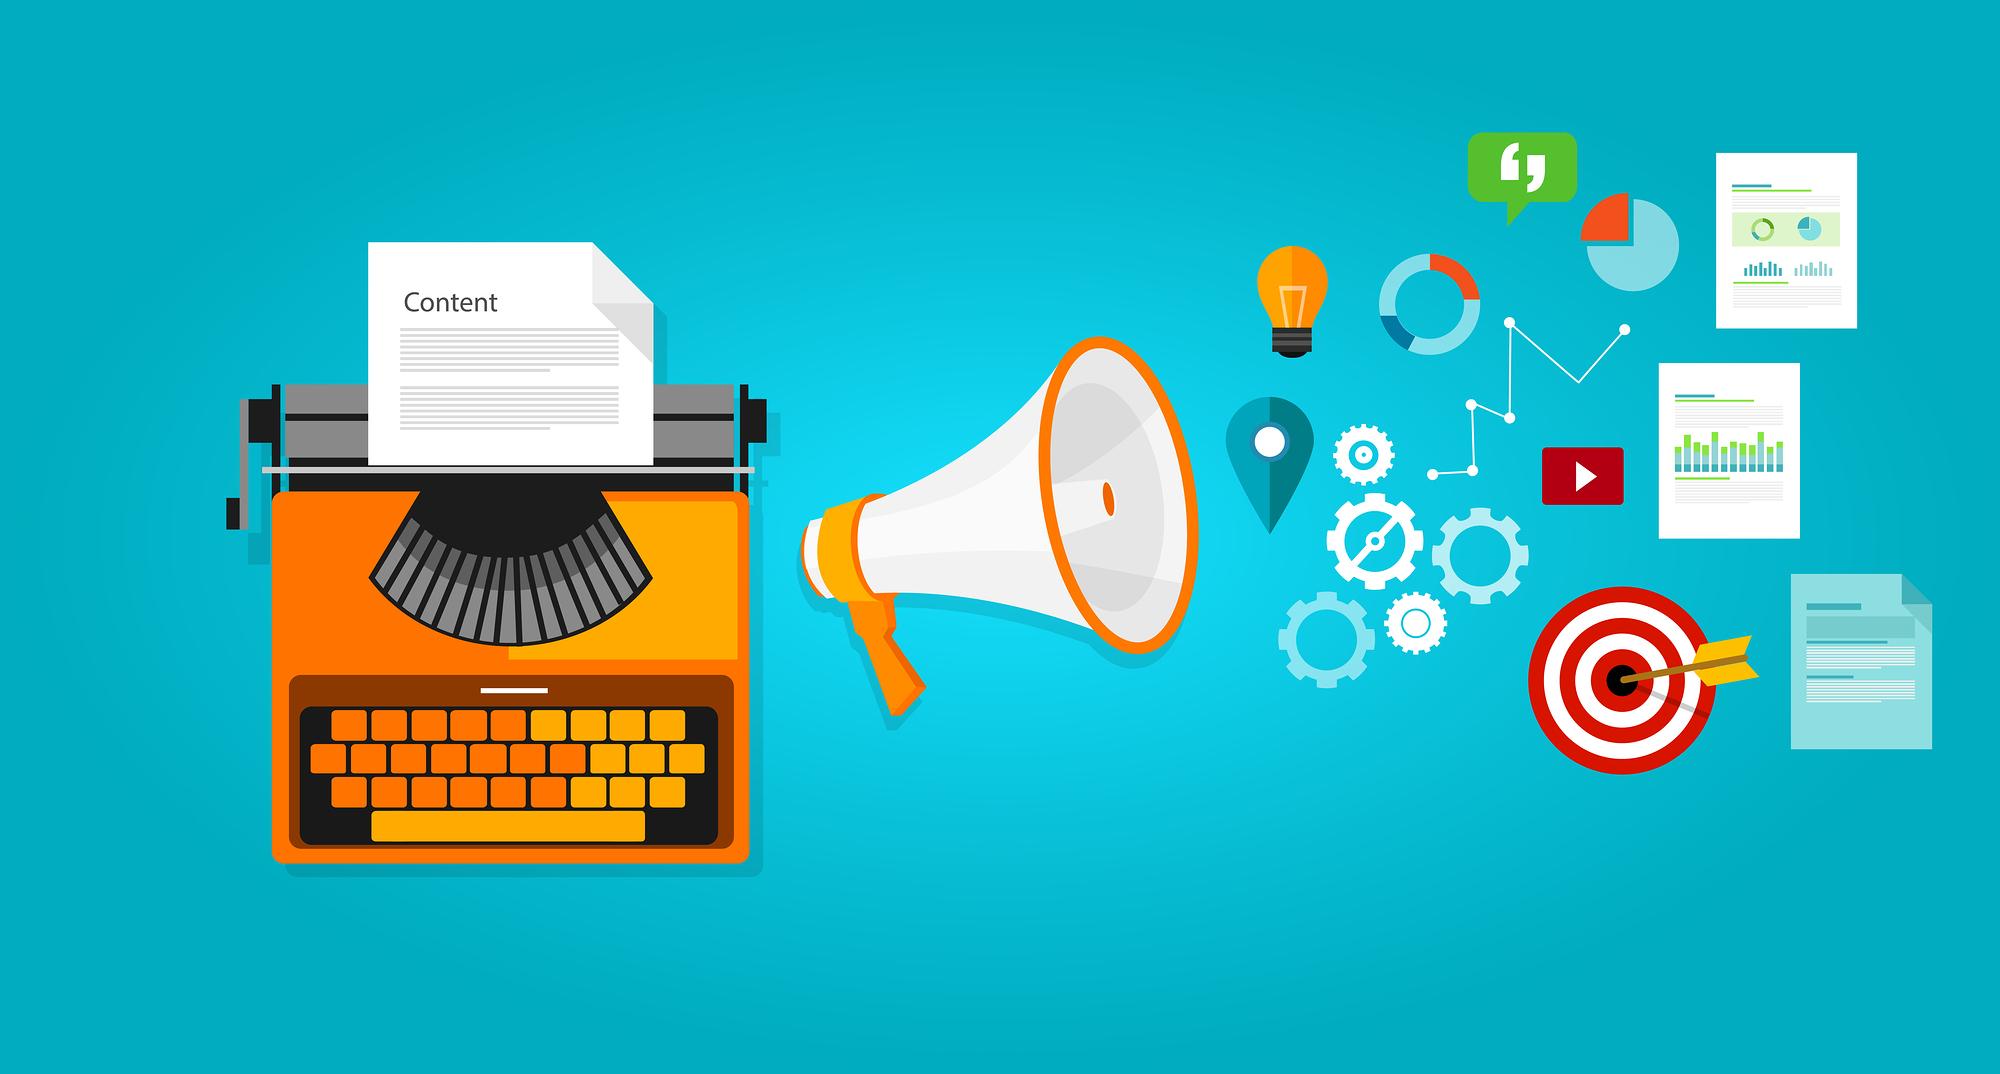 Come guidare il traffico con una potente strategia di cluster di contenuti